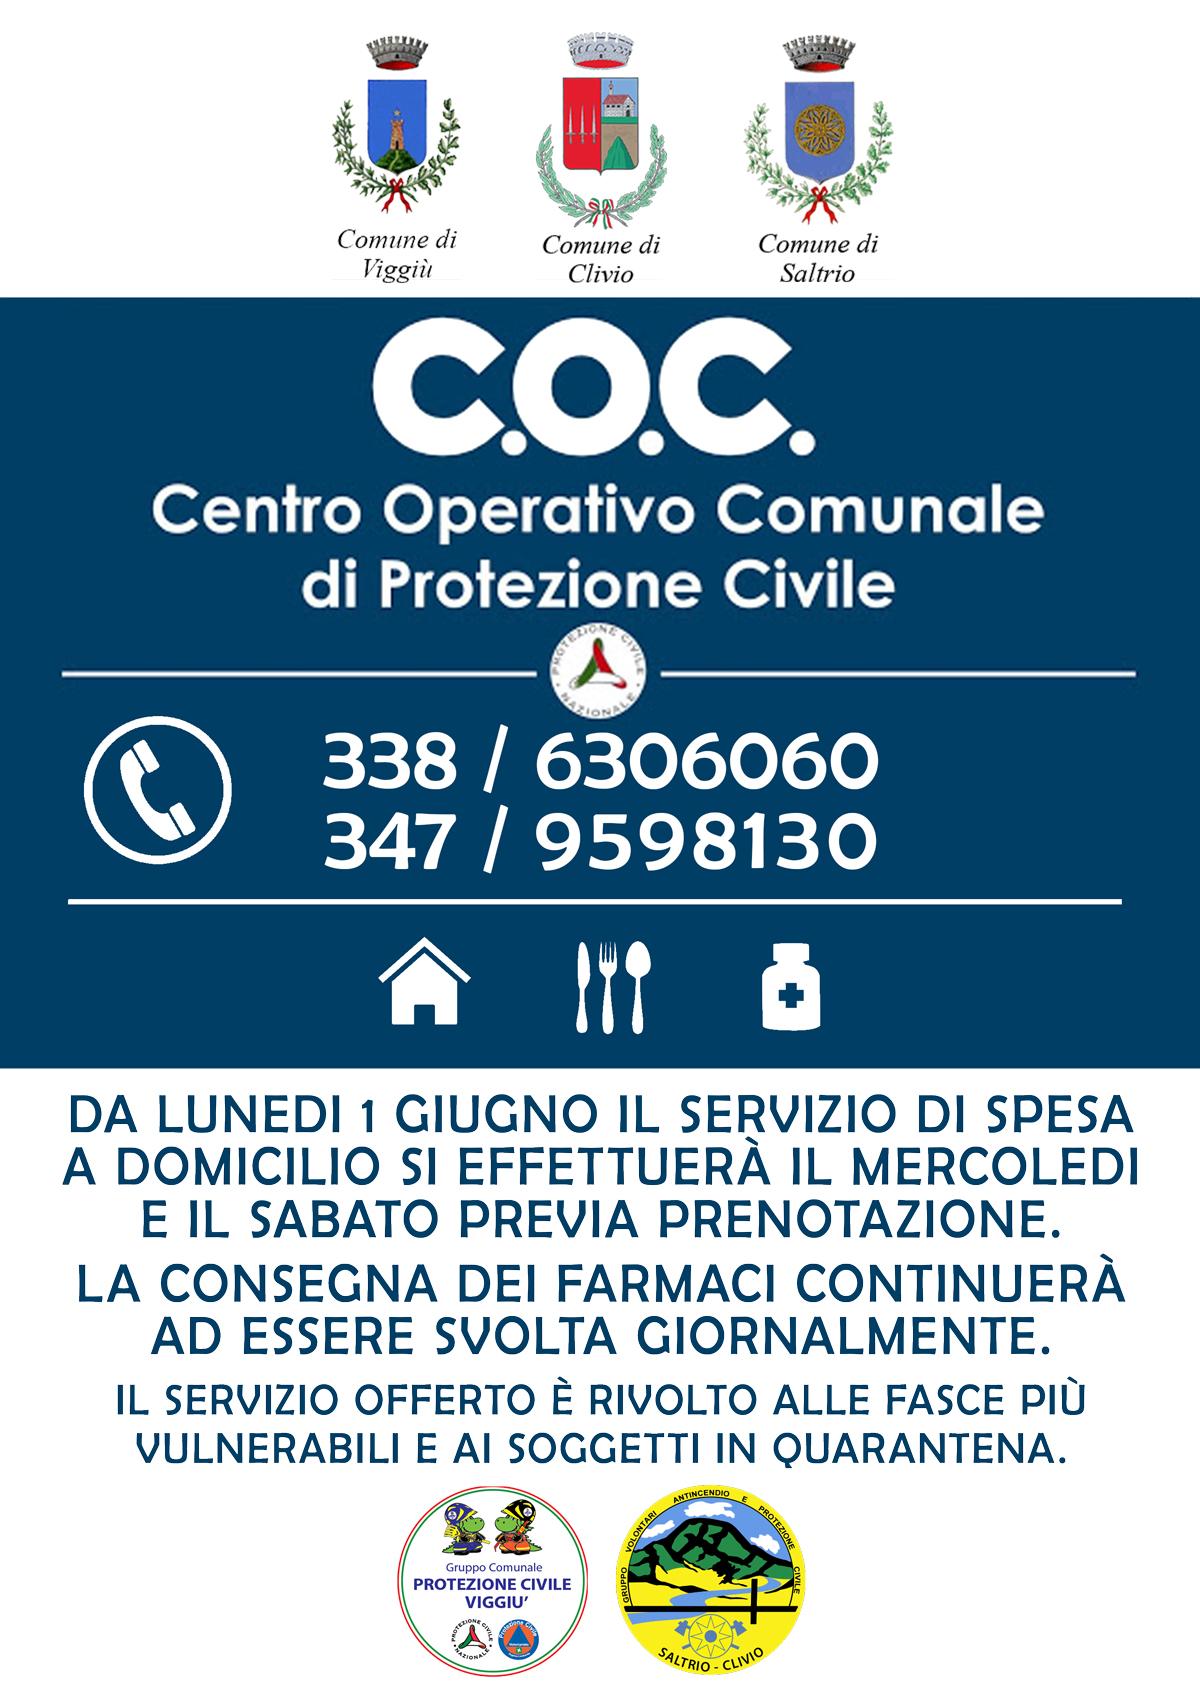 Aggiornamento sul C.O.C. - Emergenza Coronavirus